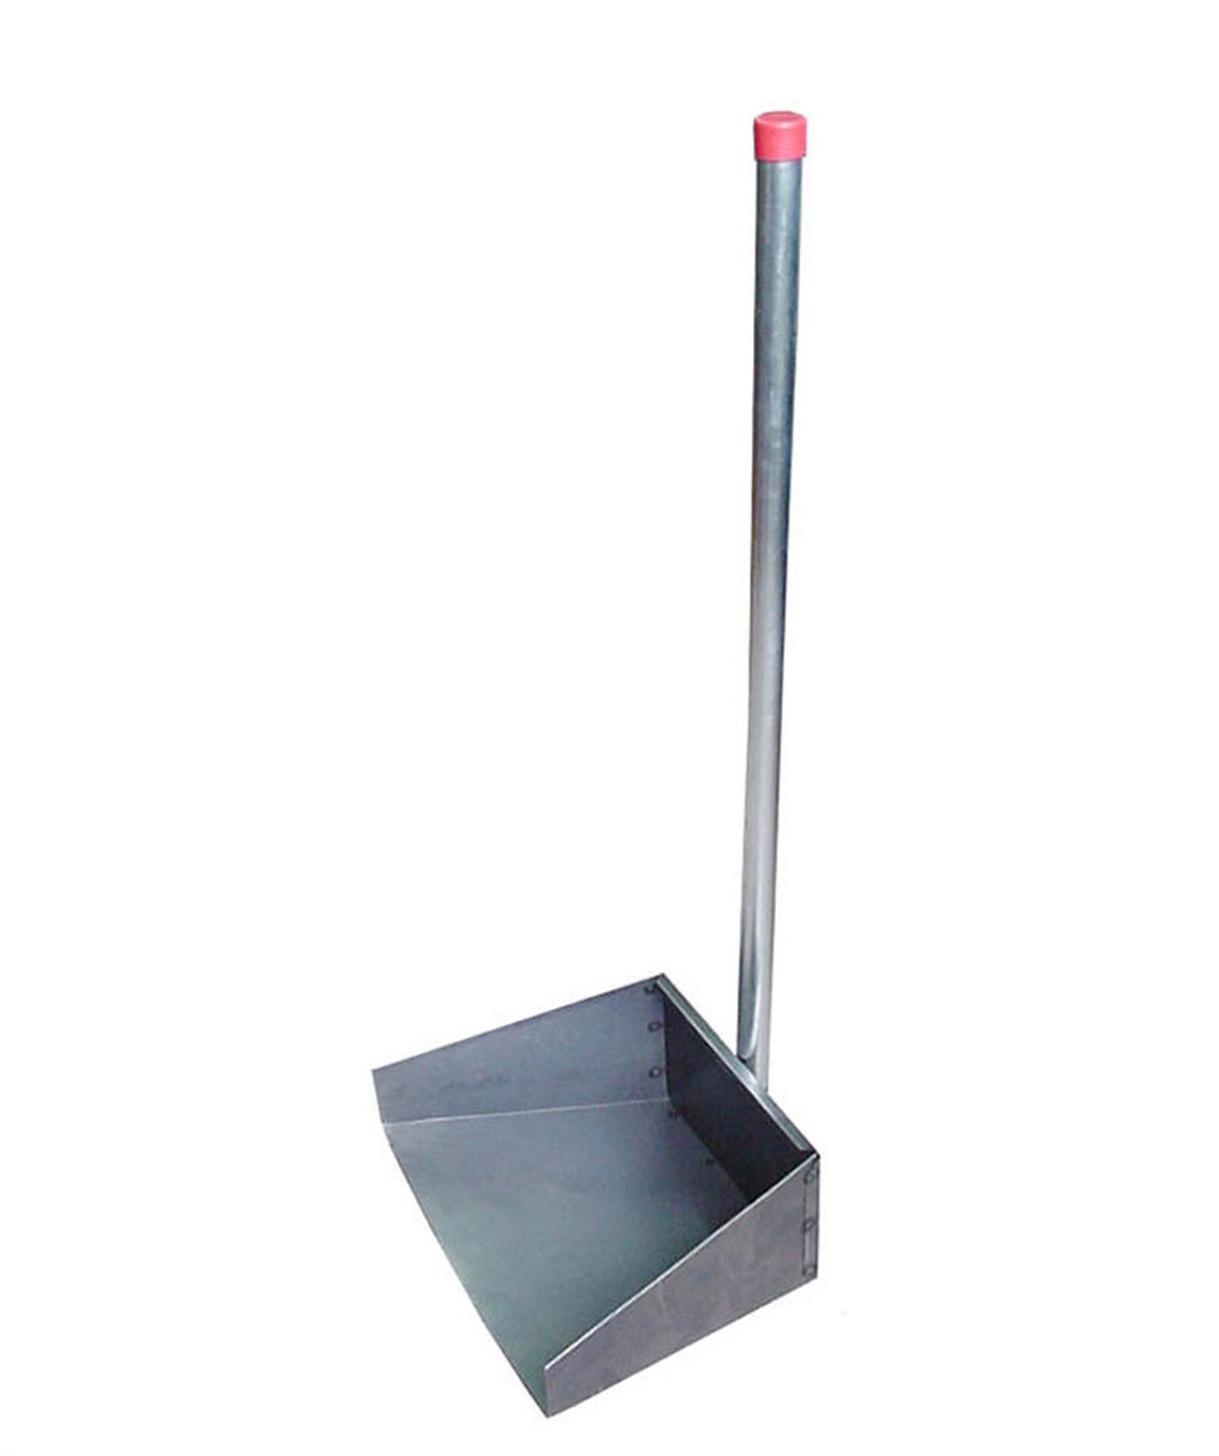 Ajtools Metal Dust Pan W Handle 12 C